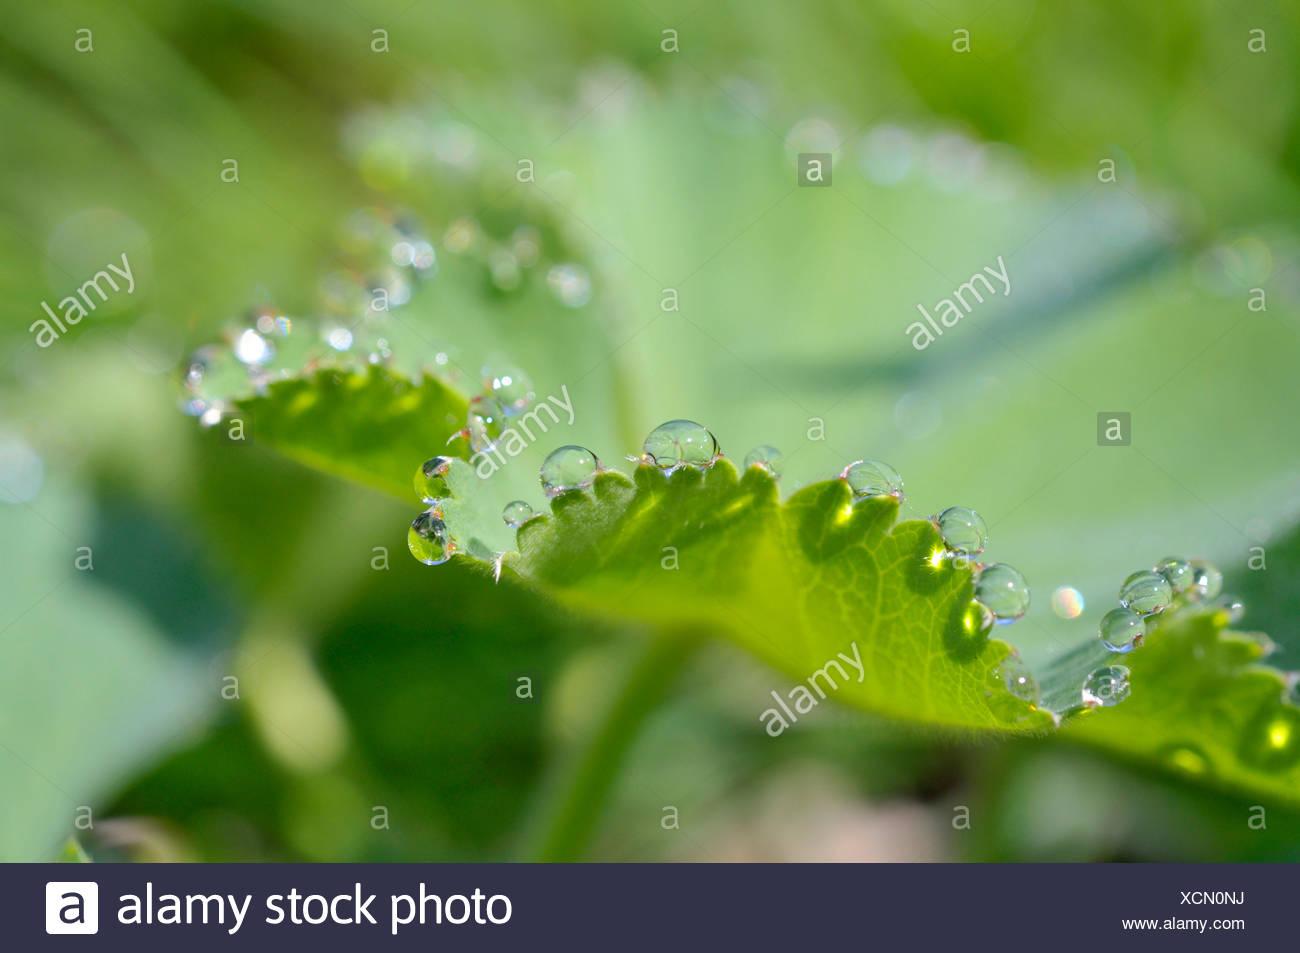 Wassertropfen auf das Blatt der Frauenmantel (Alchemilla) Stockbild